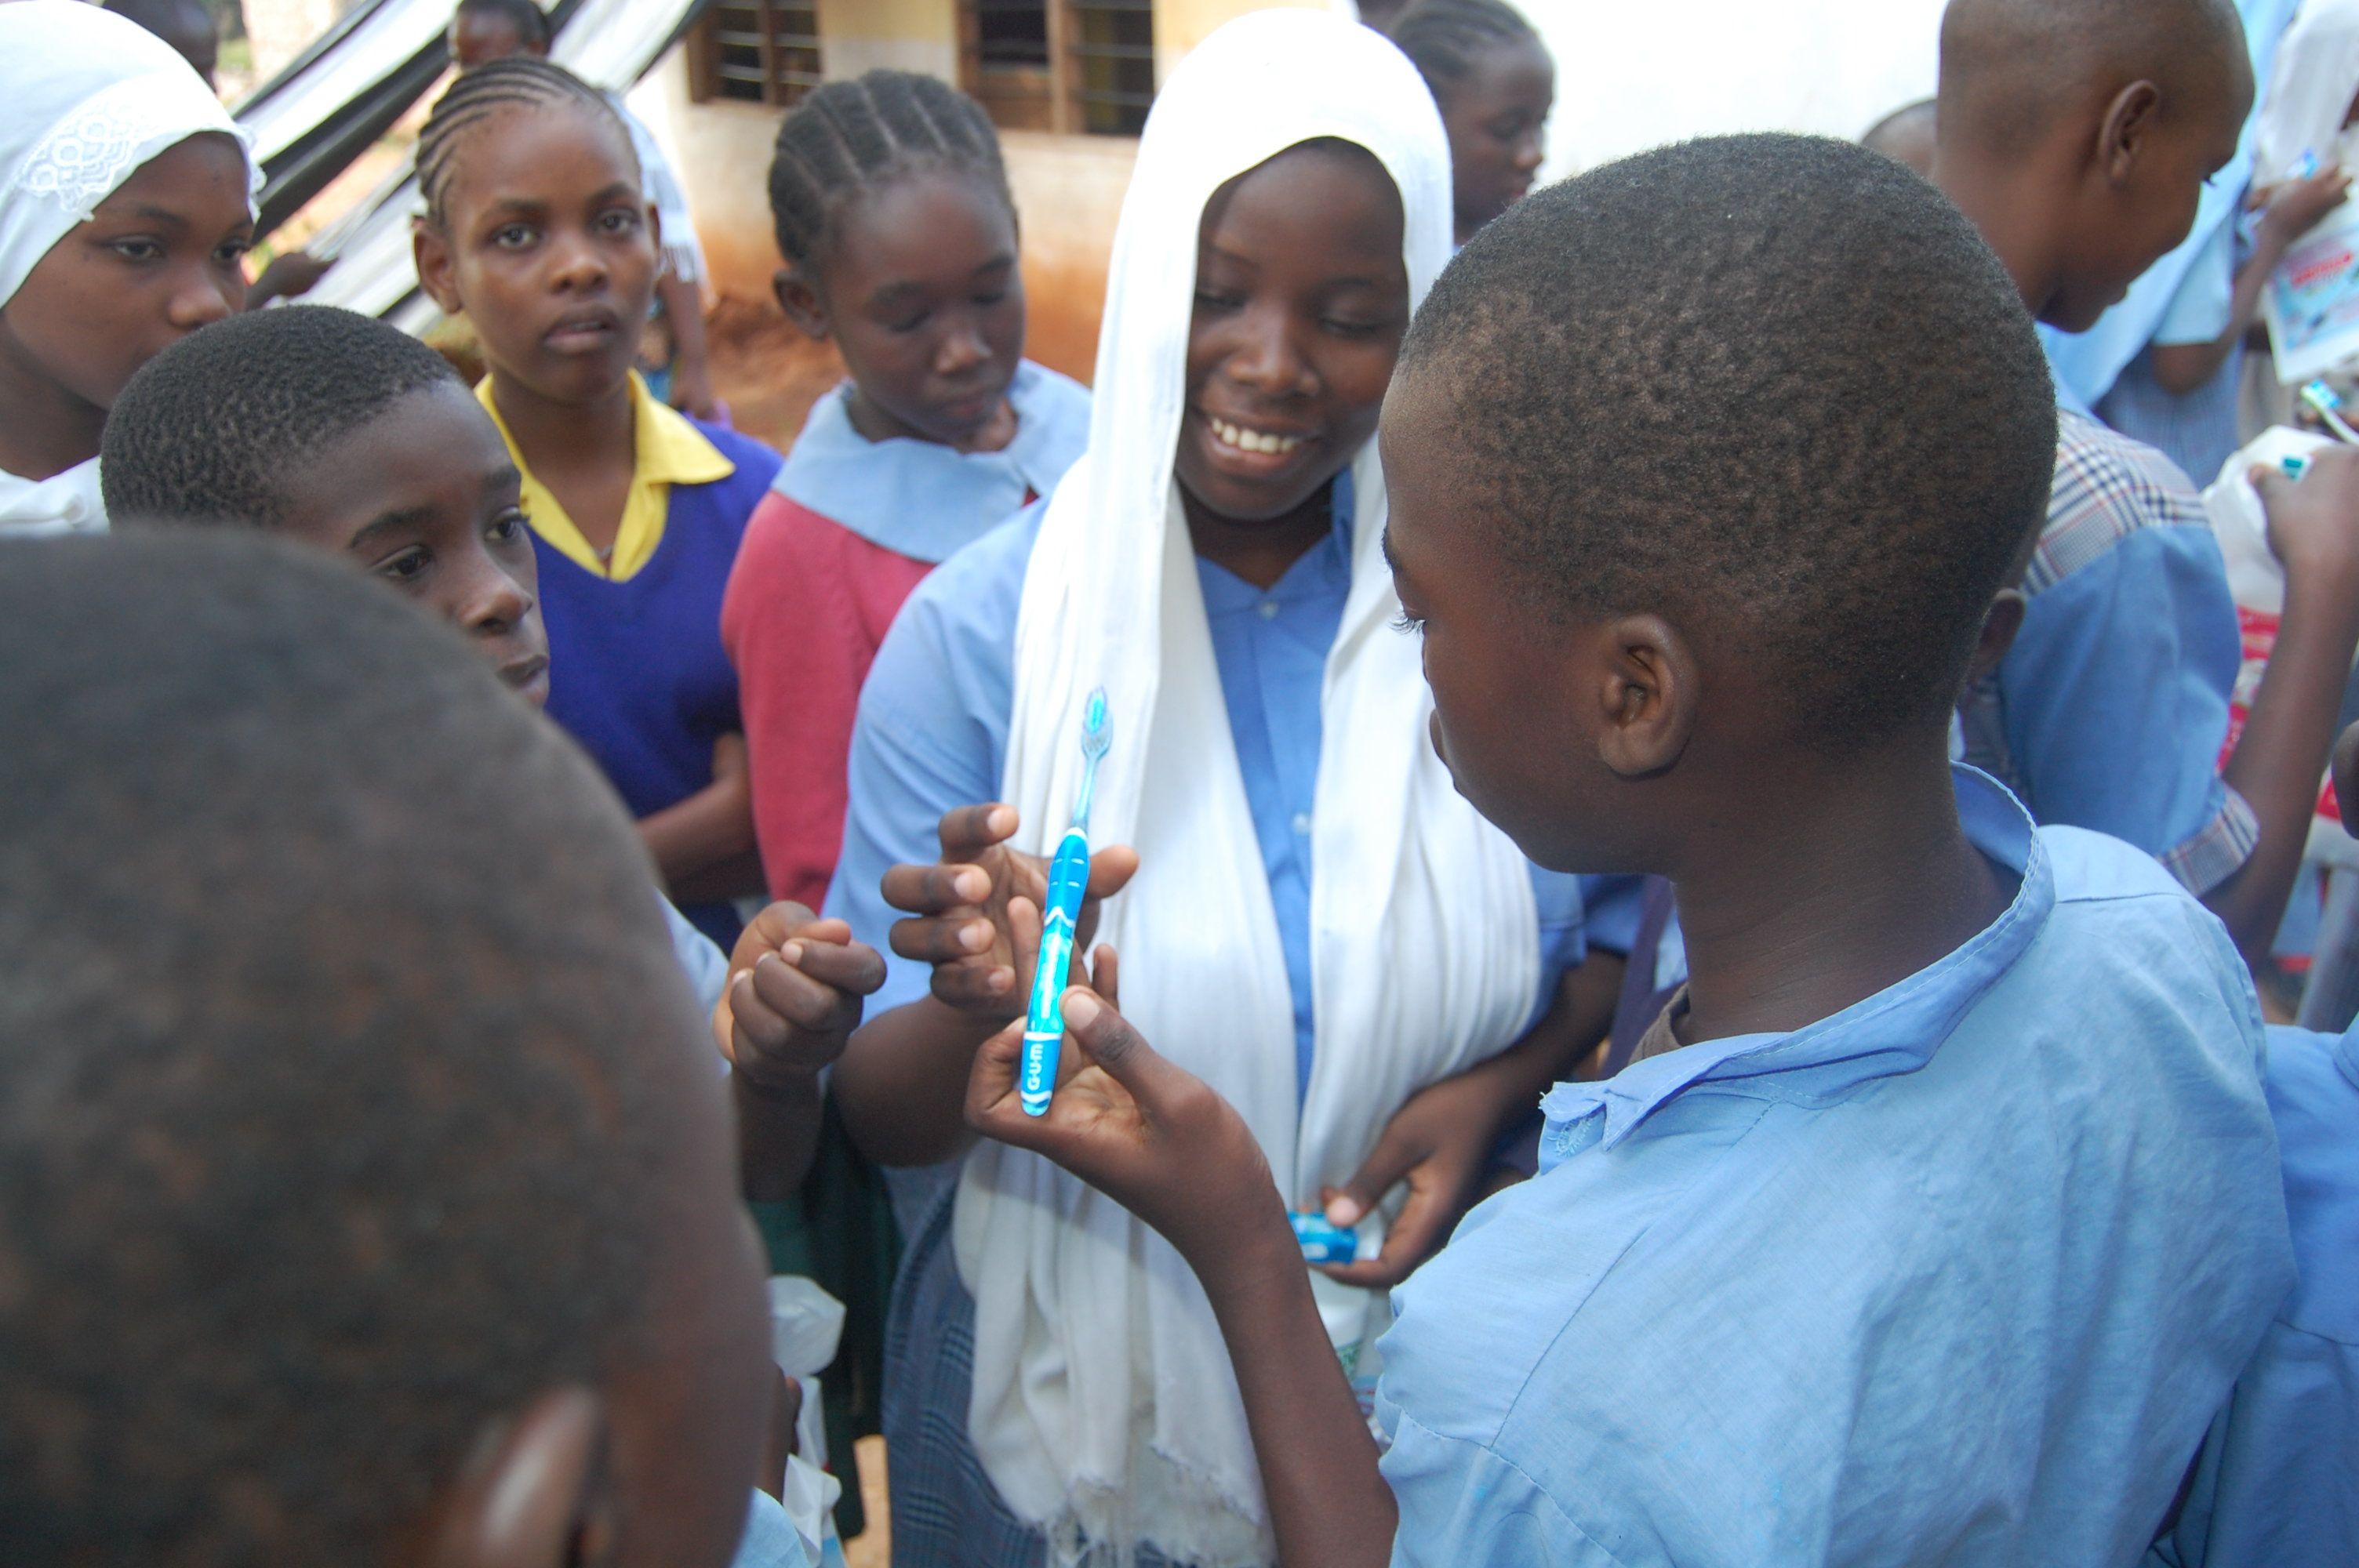 Volunteer in Kenya Kenya, Volunteer, High school project